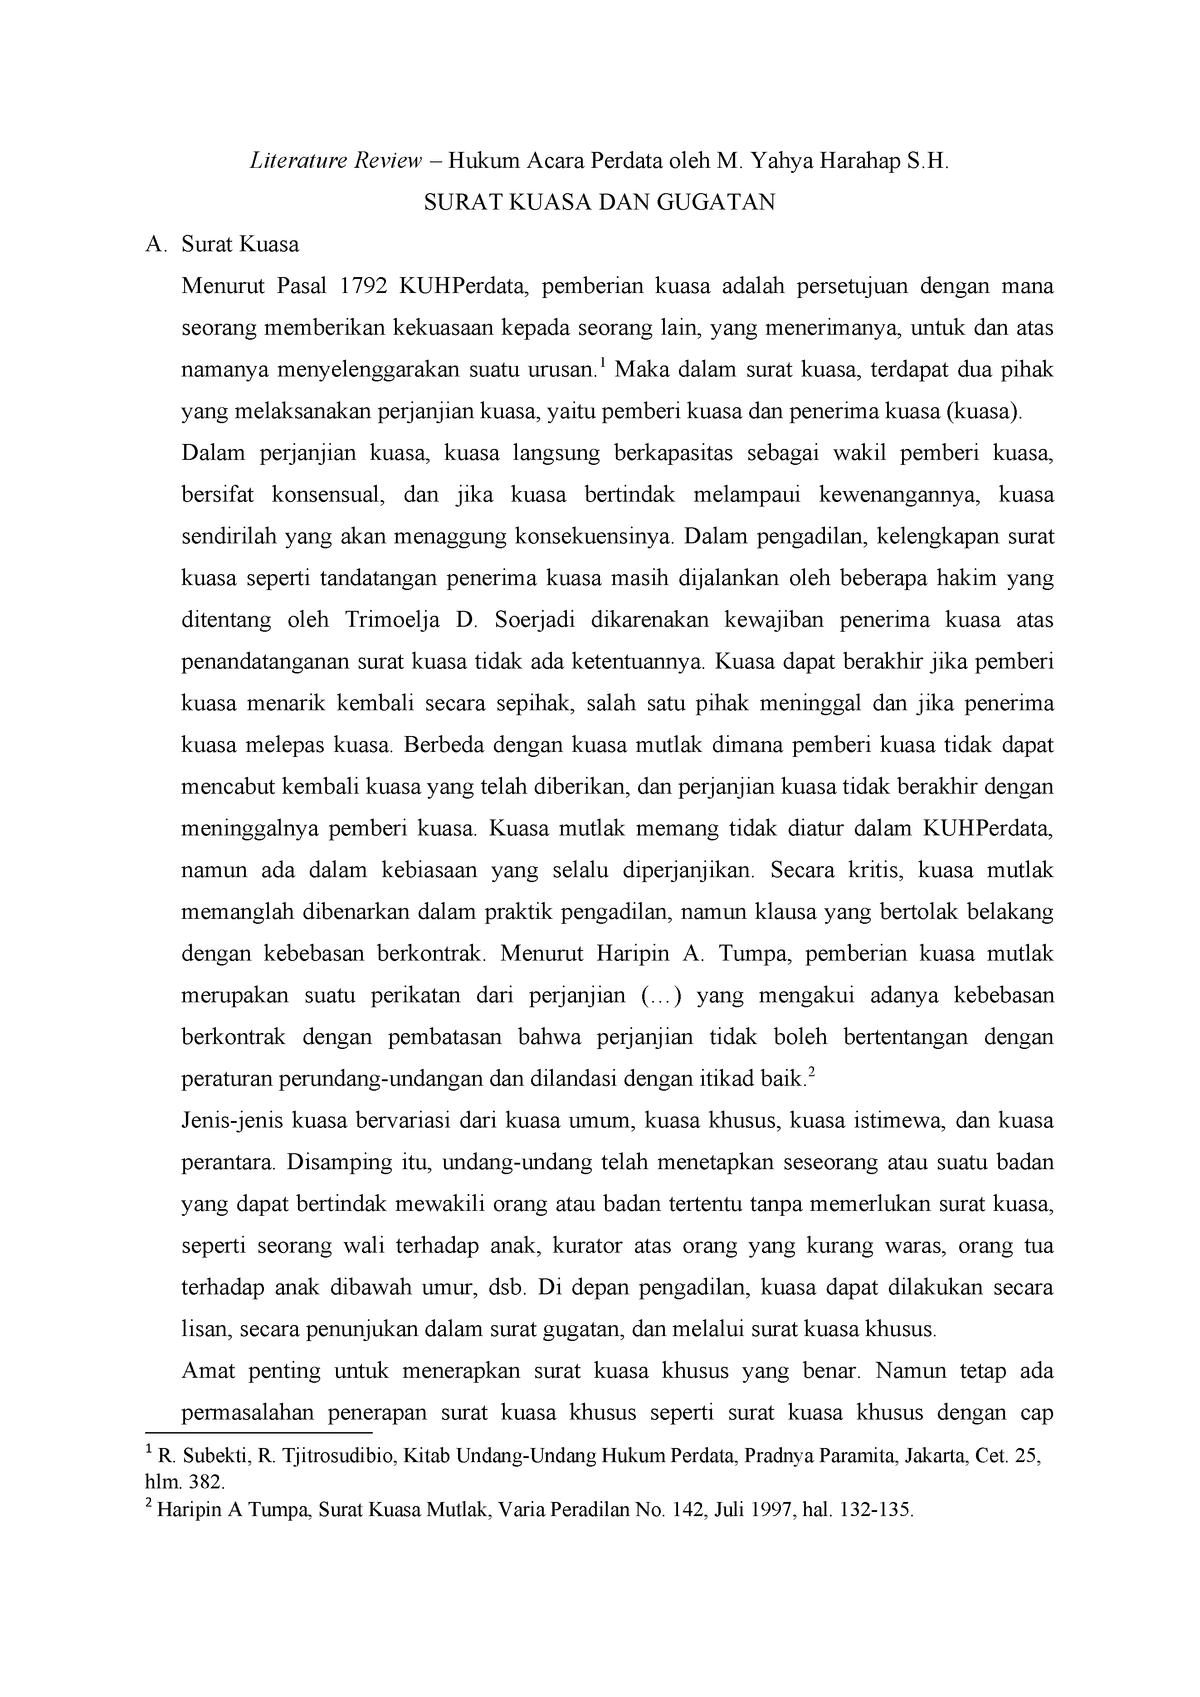 I Literature Review Hukum Acara Perdata Hku 1245 Ugm